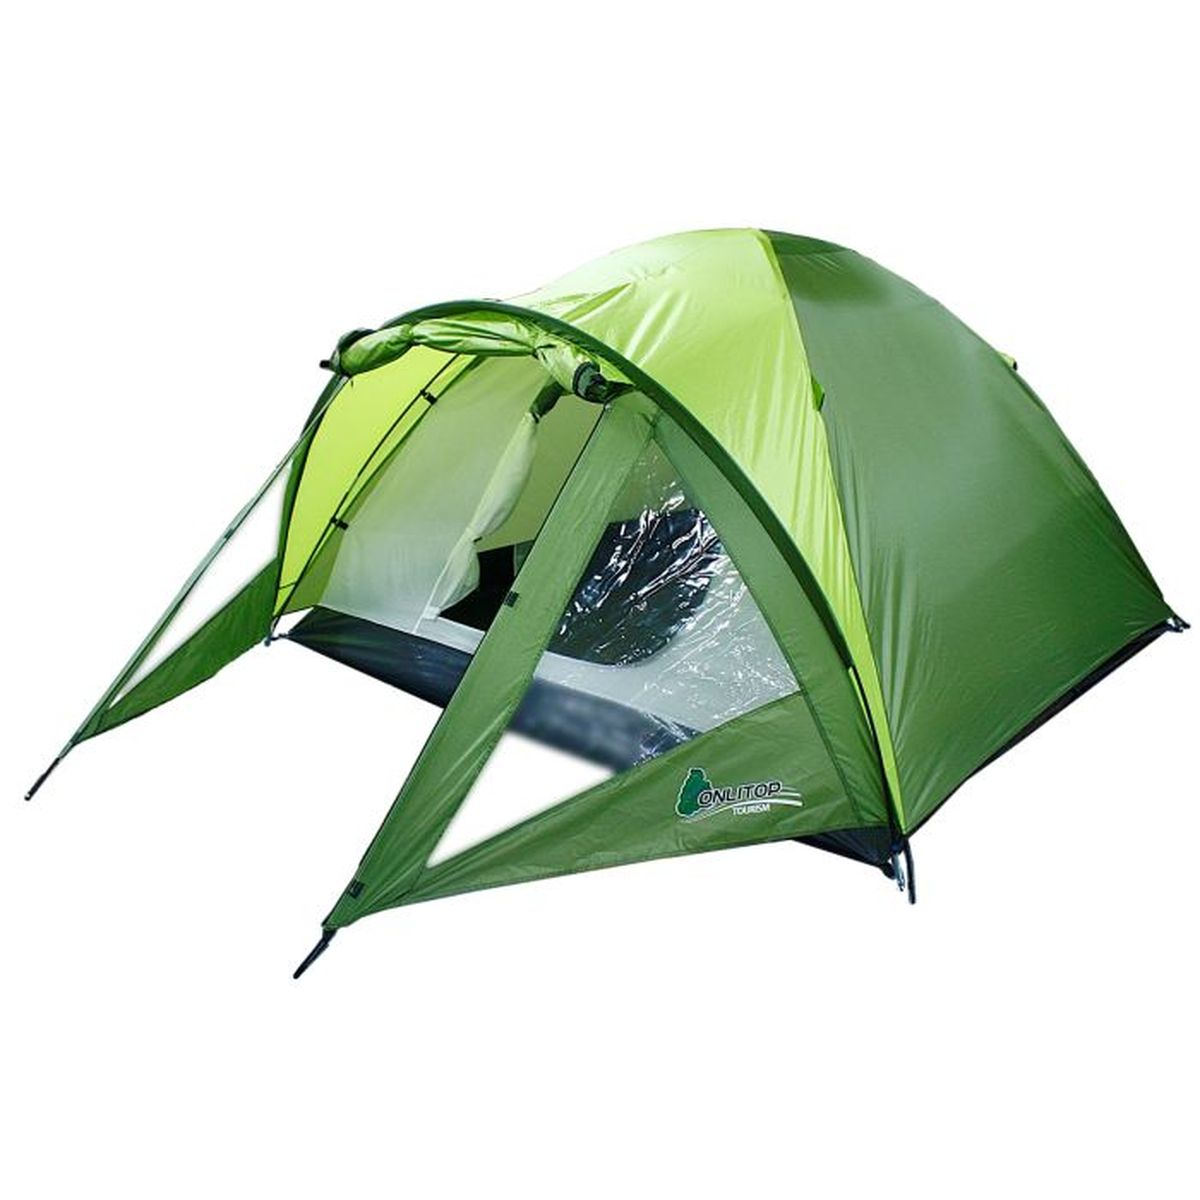 Палатка туристическая Onlitop Ottawa, 3-местная, цвет: зеленый776299Если вы любитель активного отдыха, а также ночевок на природе, то туристическая палатка Onlitop Ottawa - просто незаменимый предмет в вашем арсенале. С ней пребывание на свежем воздухе станет гораздо комфортнее. Палатка защитит от ветра, дождя, а также создаст безопасные условия ночью, ограждая от насекомых, змей и мелких грызунов. Объем палатки позволяет легко разместиться трем людям сразу. Ткань рипстоп, благодаря своей прочности, увеличивает срок эксплуатации изделия.Возьмите этот легкий инвентарь с собой куда угодно: положите палатку в багажник или несите ее за удобную ручку и наслаждайтесь досугом.Конструкция палатки:- 1 вход;- 1 вместительный передний тамбур для хранения вещей с двумя боковыми окнами.Внутреннее оснащение:- 2 вентиляционных окна;- 2 кармана для хранения вещей.Размер палатки: 300 x 180 x 130 см (тамбур, 90 см + комната, 210 см).